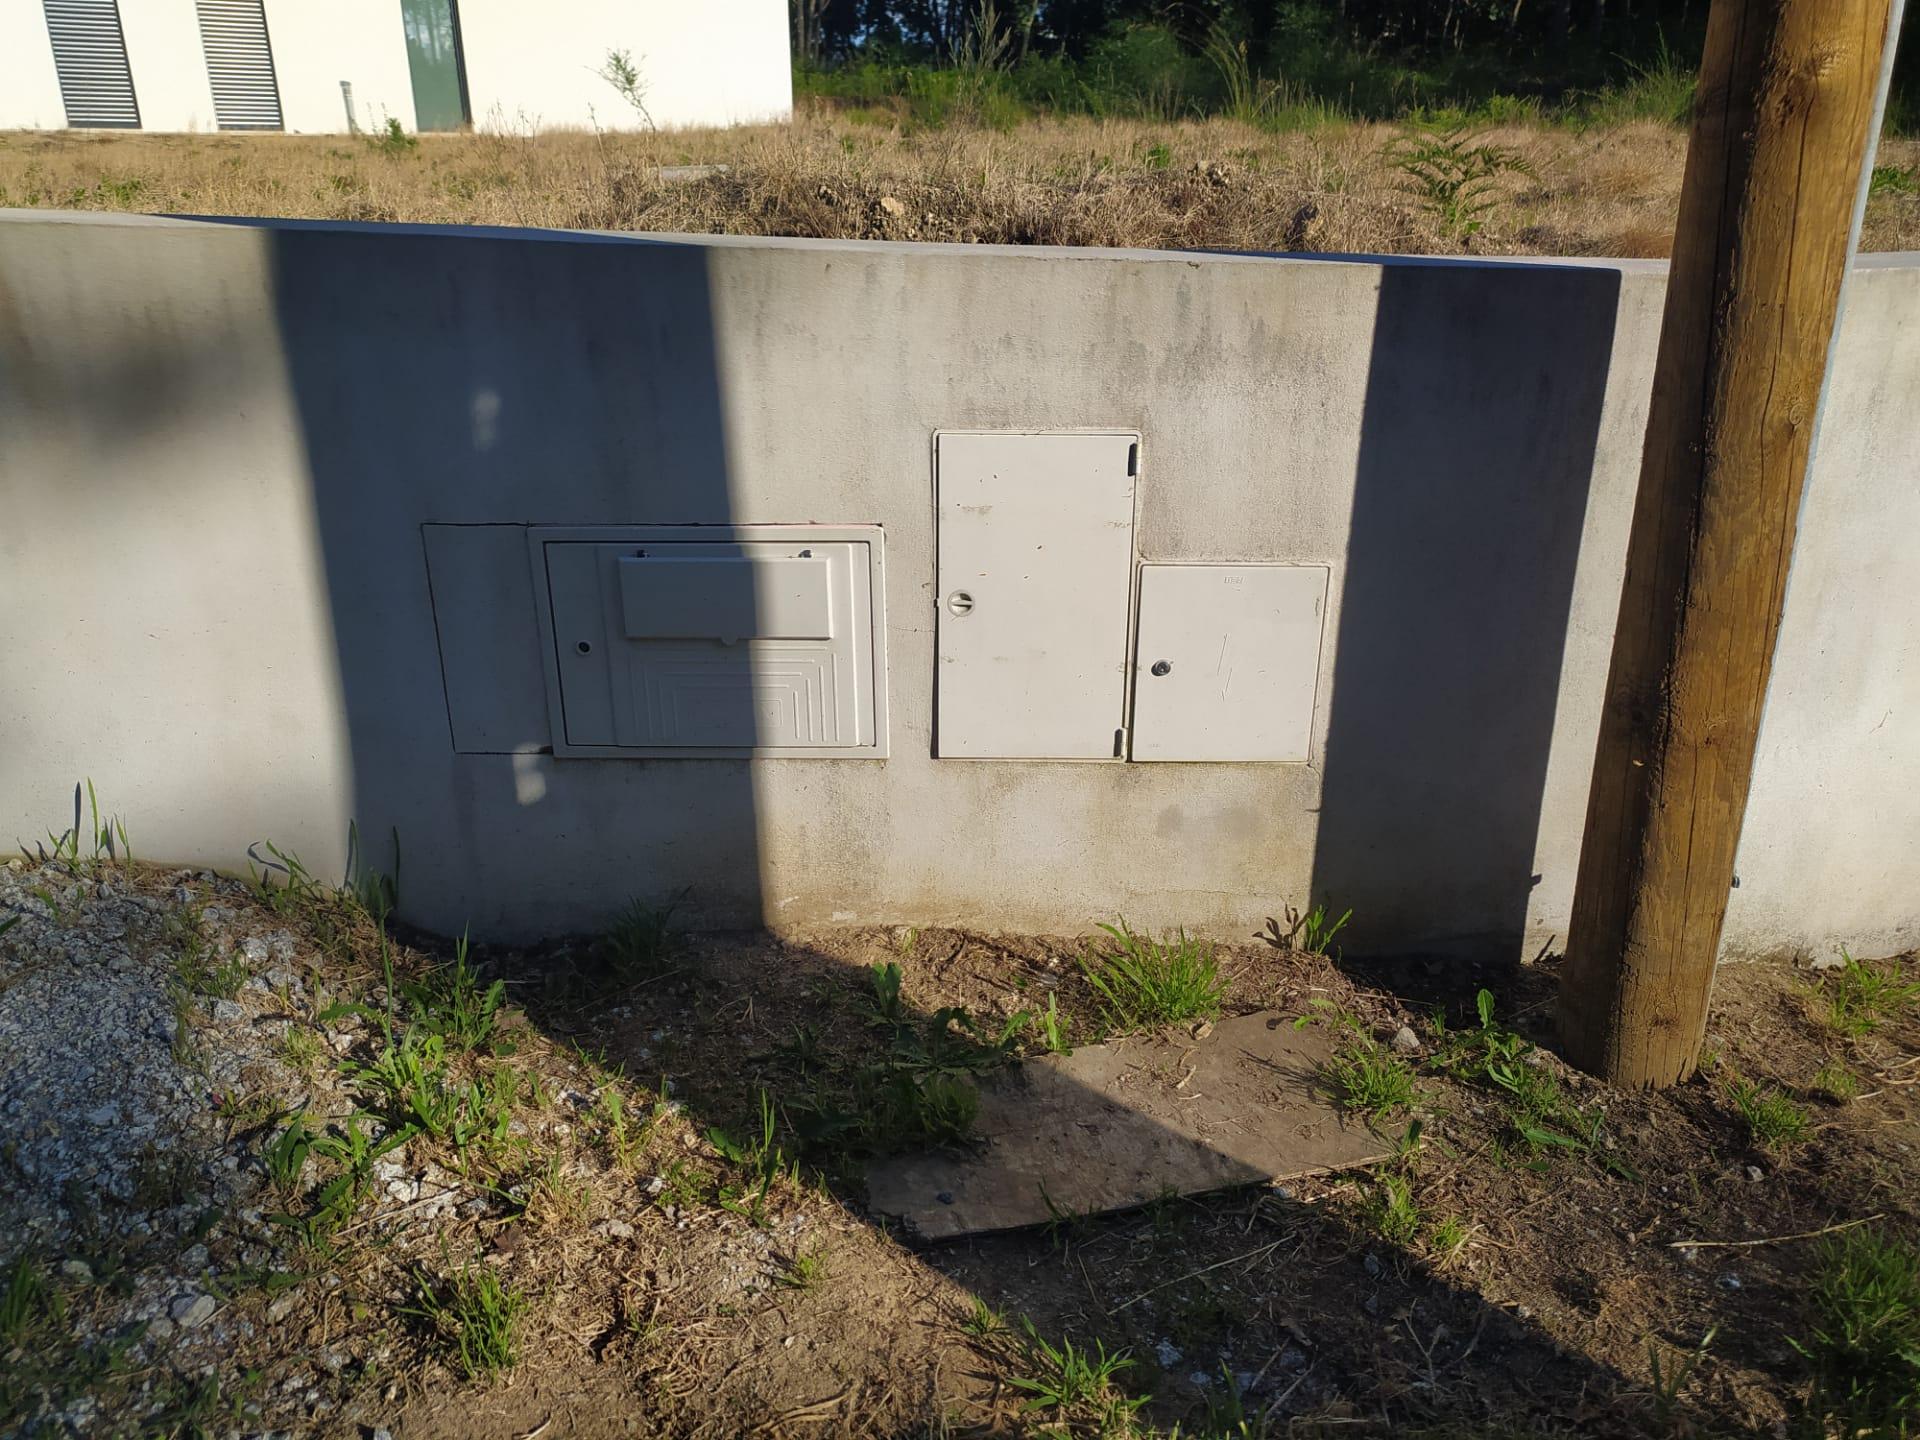 Câmara Municipal de Viseu questionada sobre habitações sem acesso aos ramais públicos de água e esgotos no concelho de Viseu